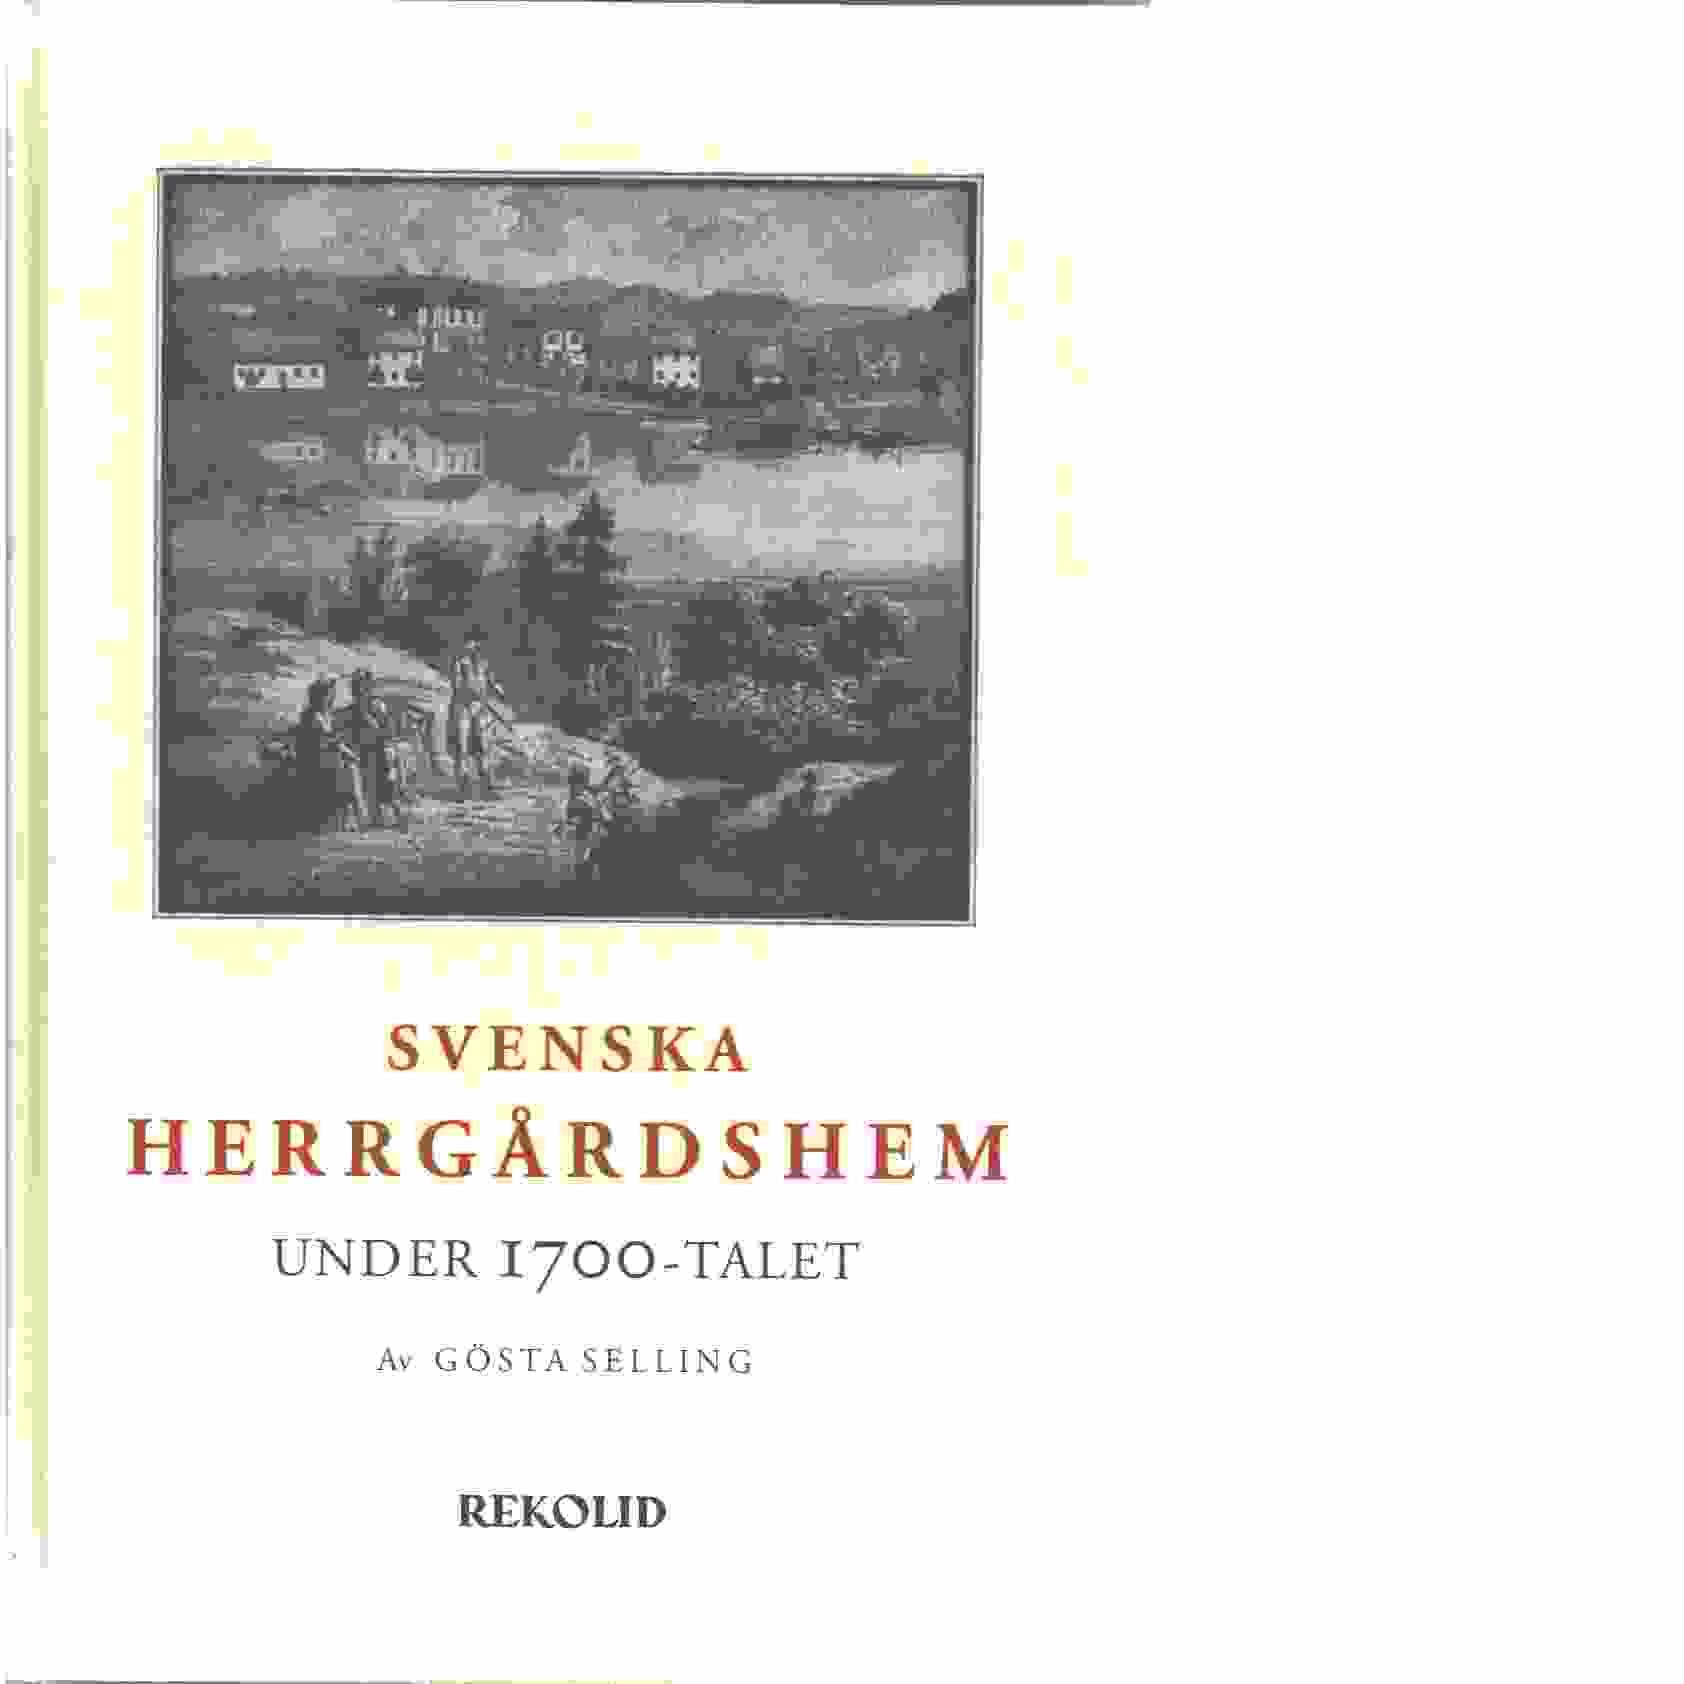 Svenska herrgårdshem under 1700-talet : arkitektur och inredning 1700-1780  - Selling, Gösta